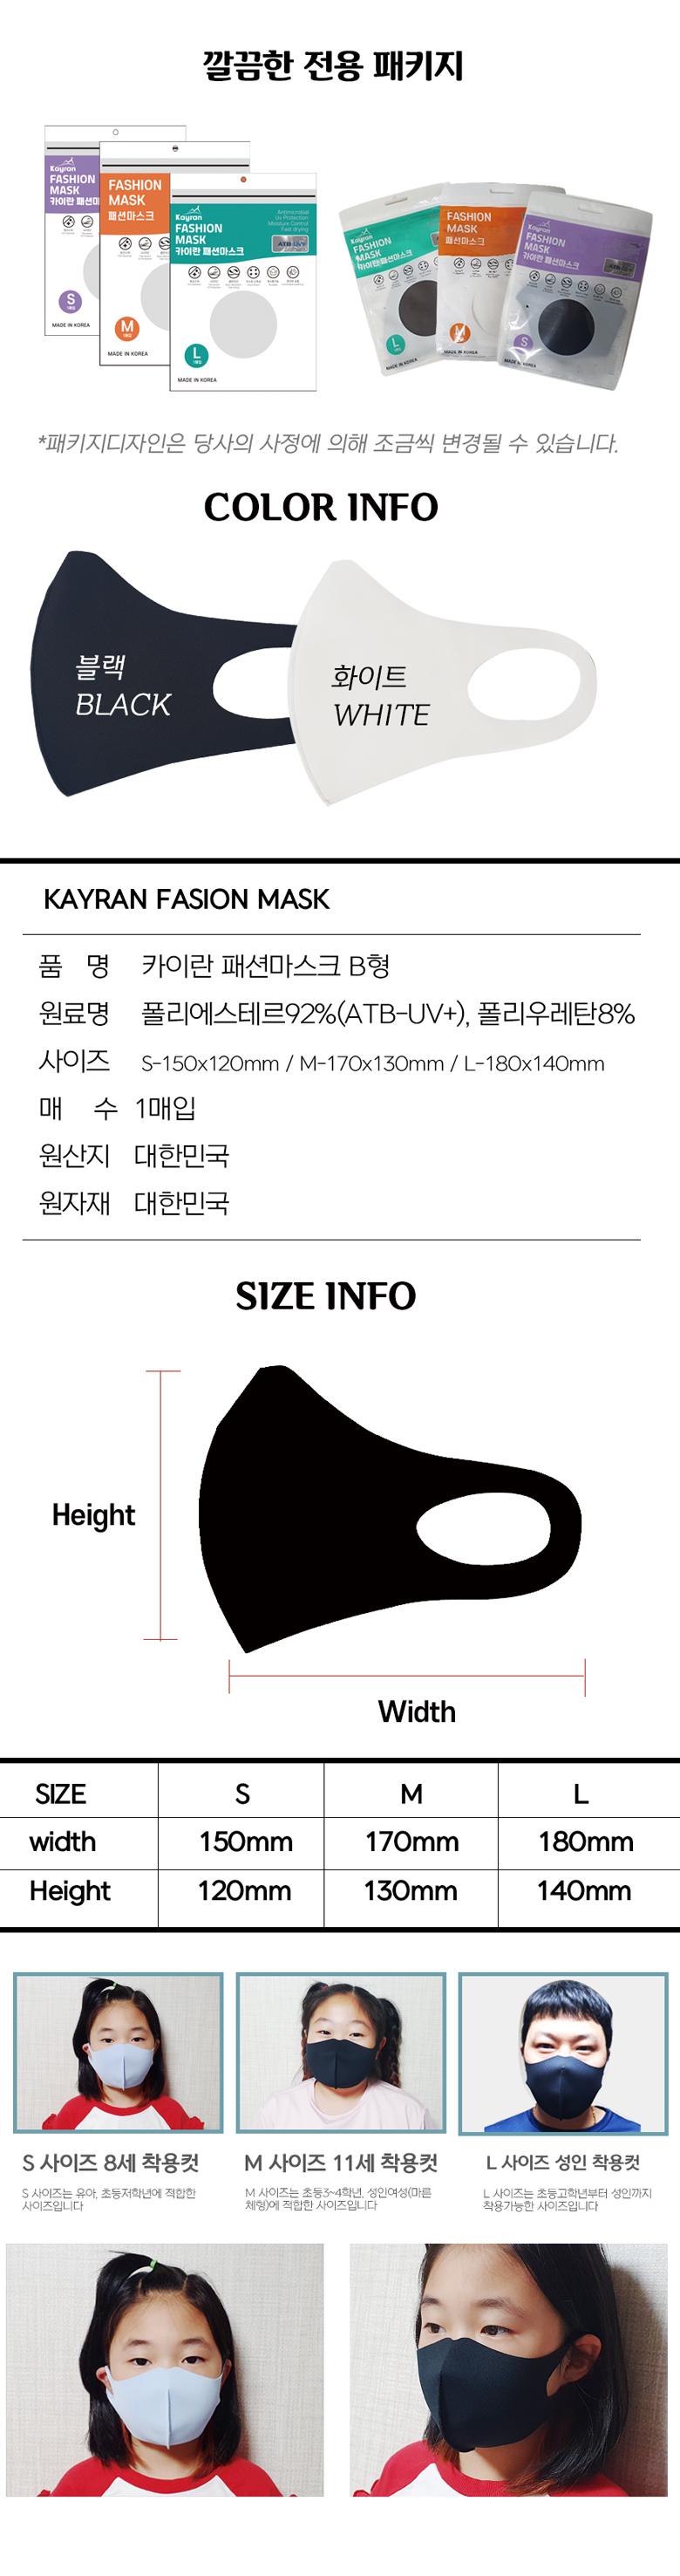 20_New_mask_korea_detail2_01.jpg